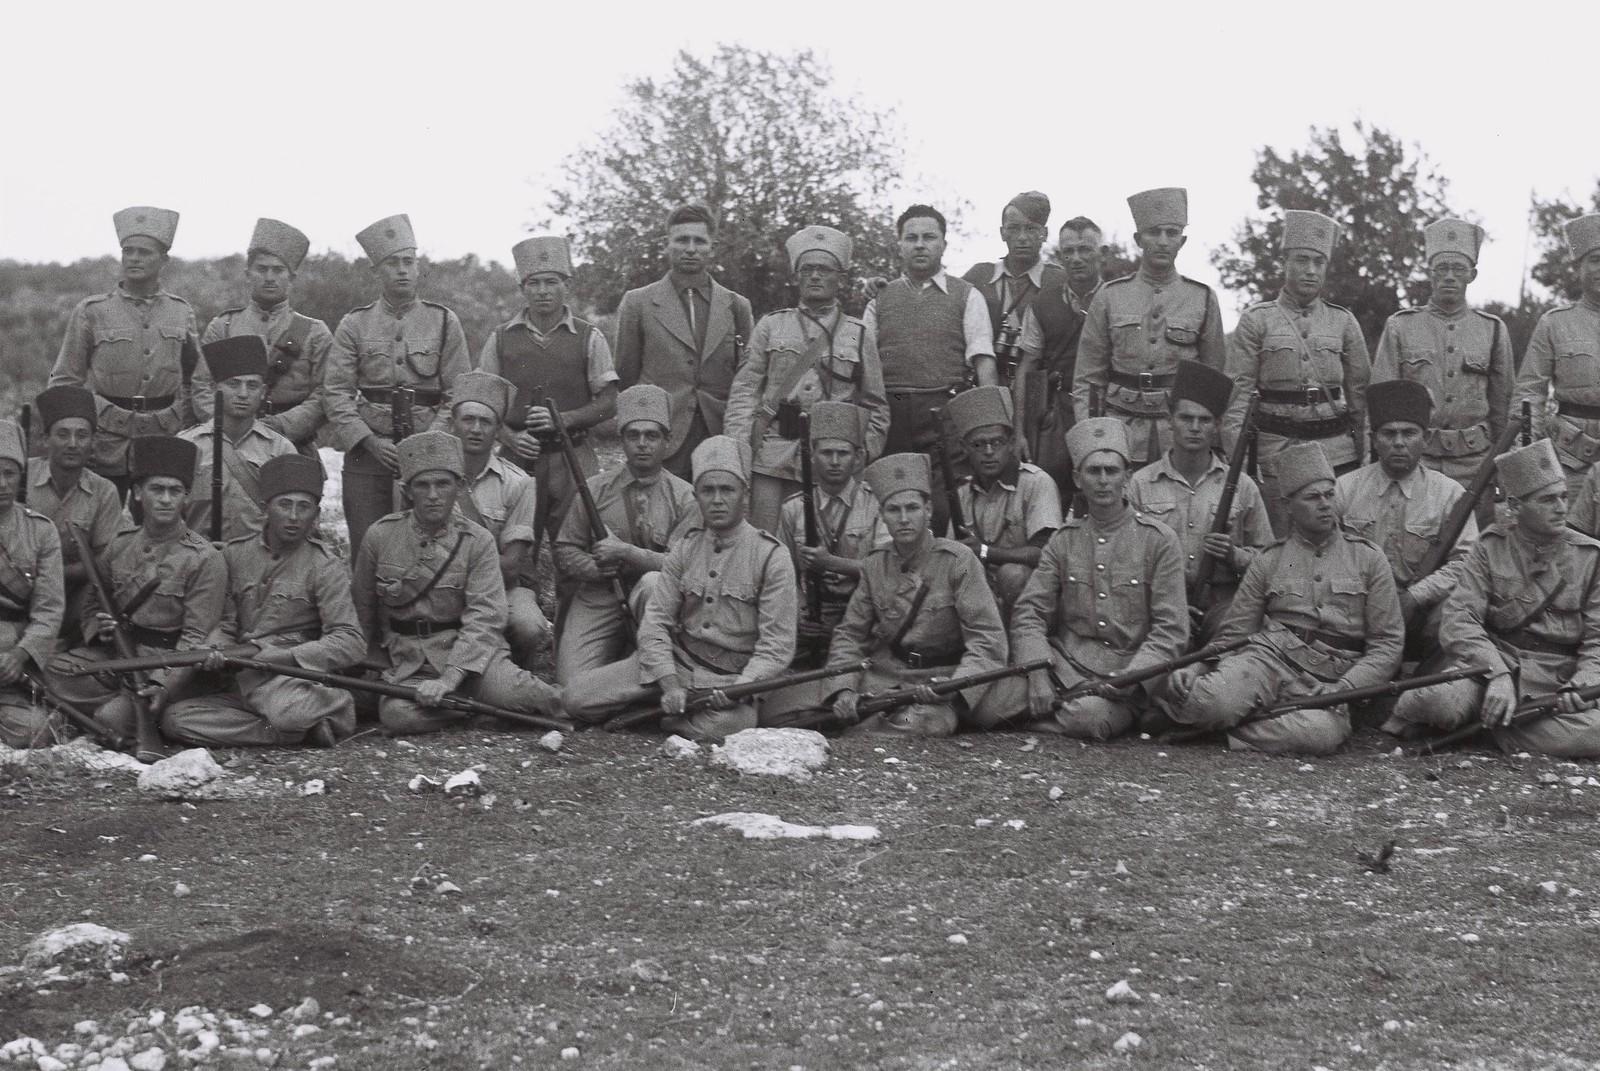 1938. Групповое фото полиции еврейского поселения. 12.07.